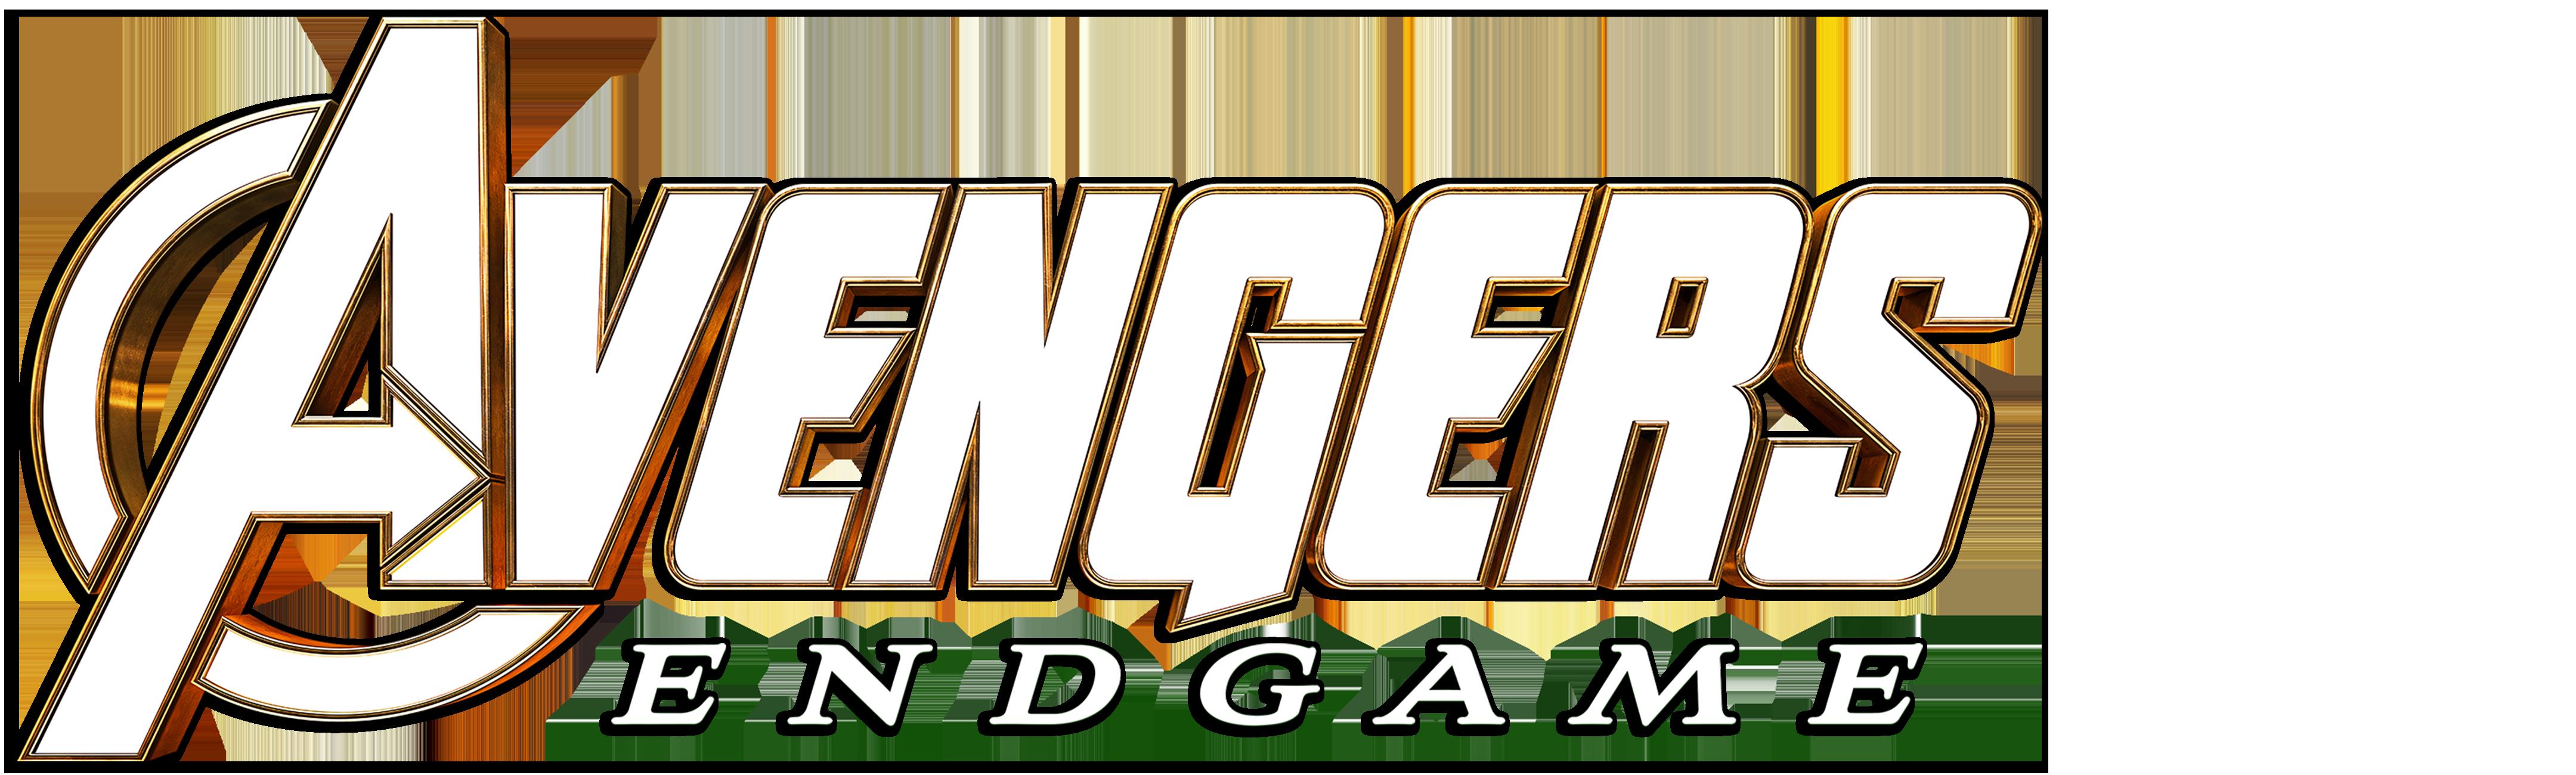 Avengers Endgame Sky Go